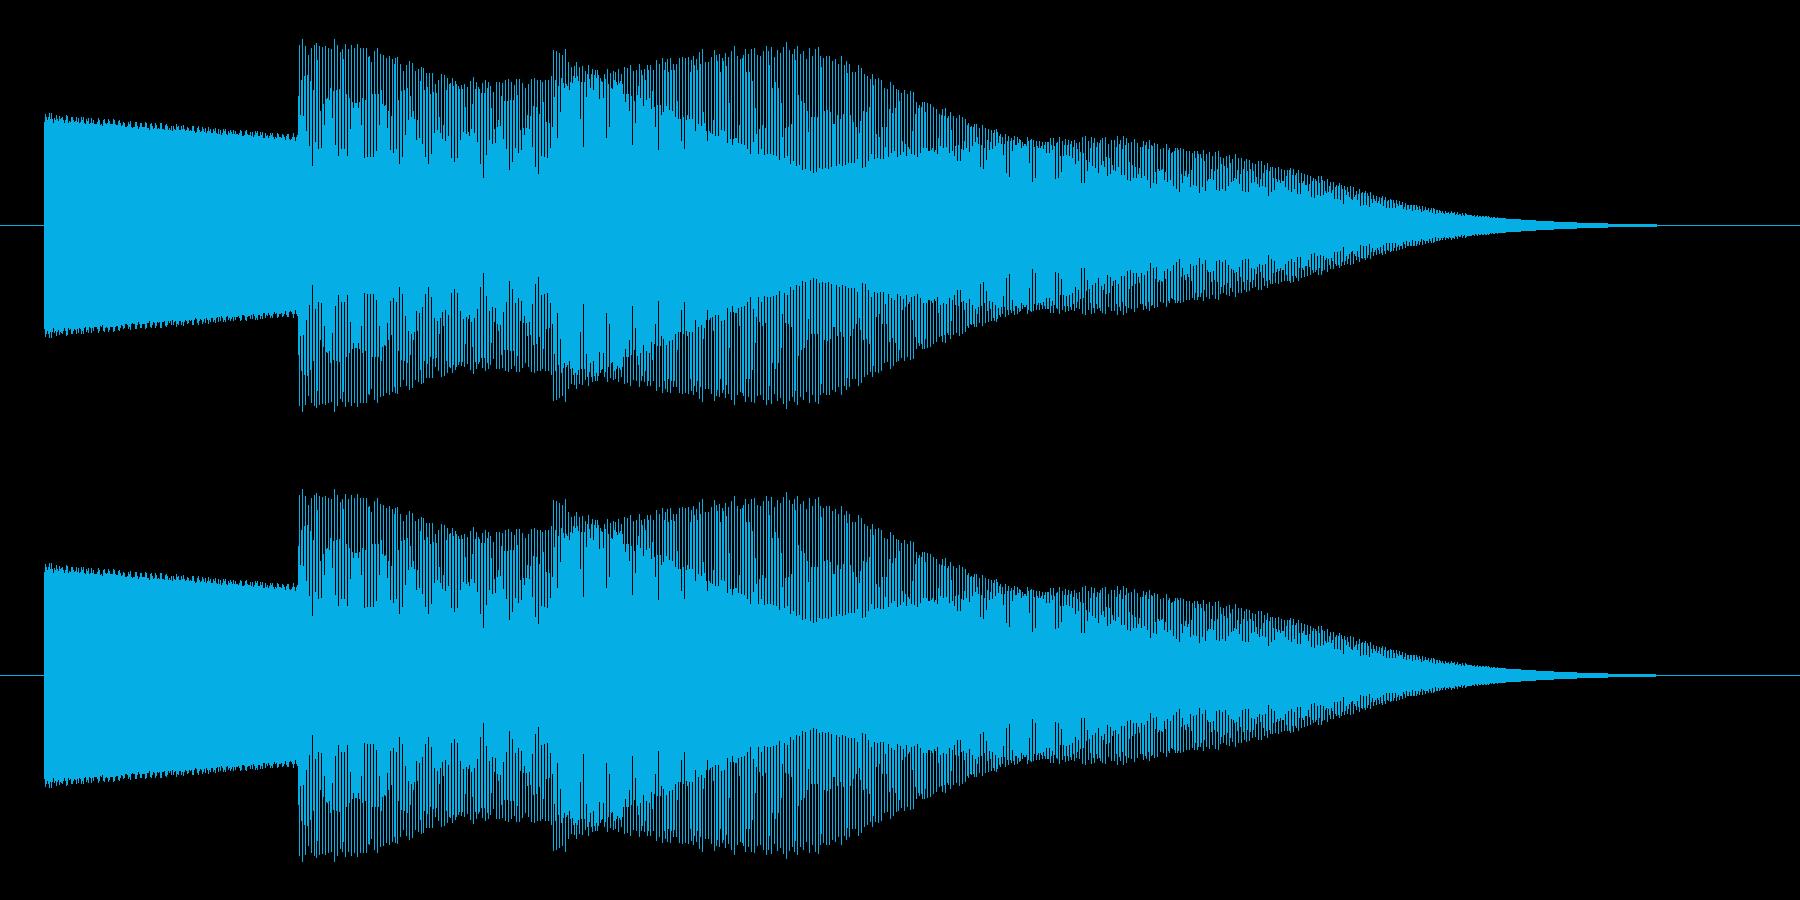 セレクト 決定 選択 スタート ピポパの再生済みの波形